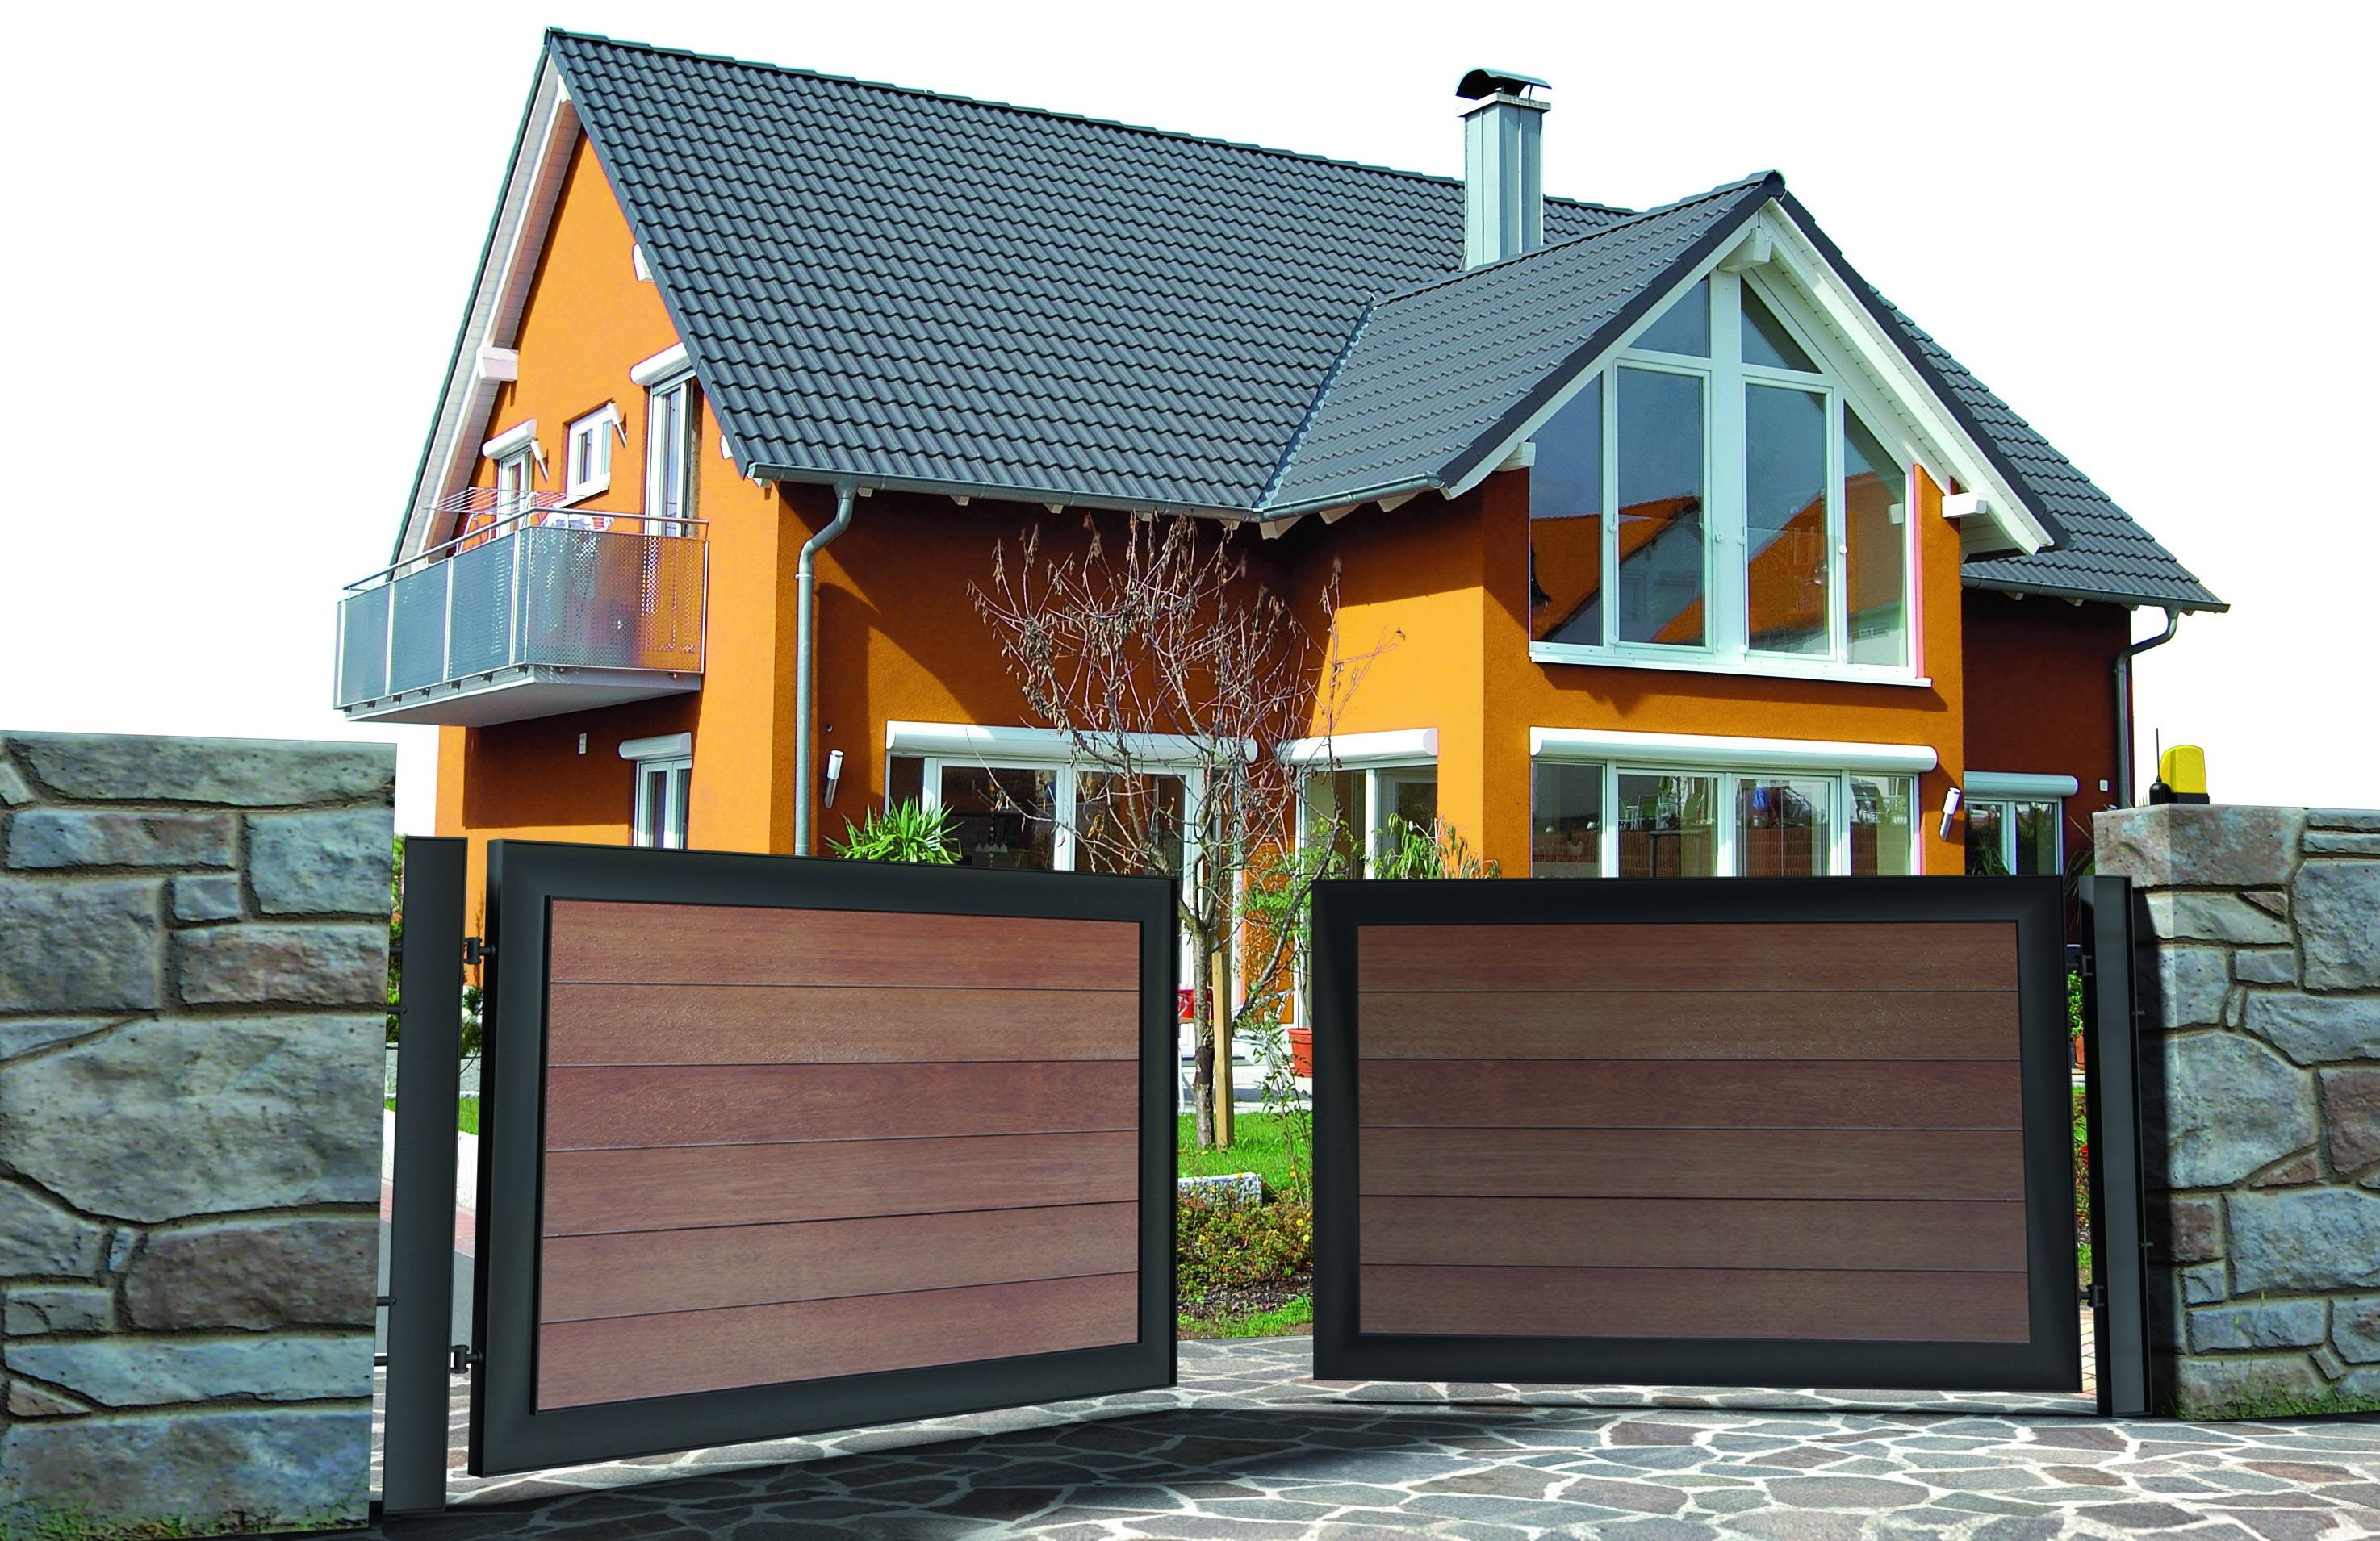 Puertas batientes automaticas vicape com expertos en - Automatismos para puertas de garaje ...